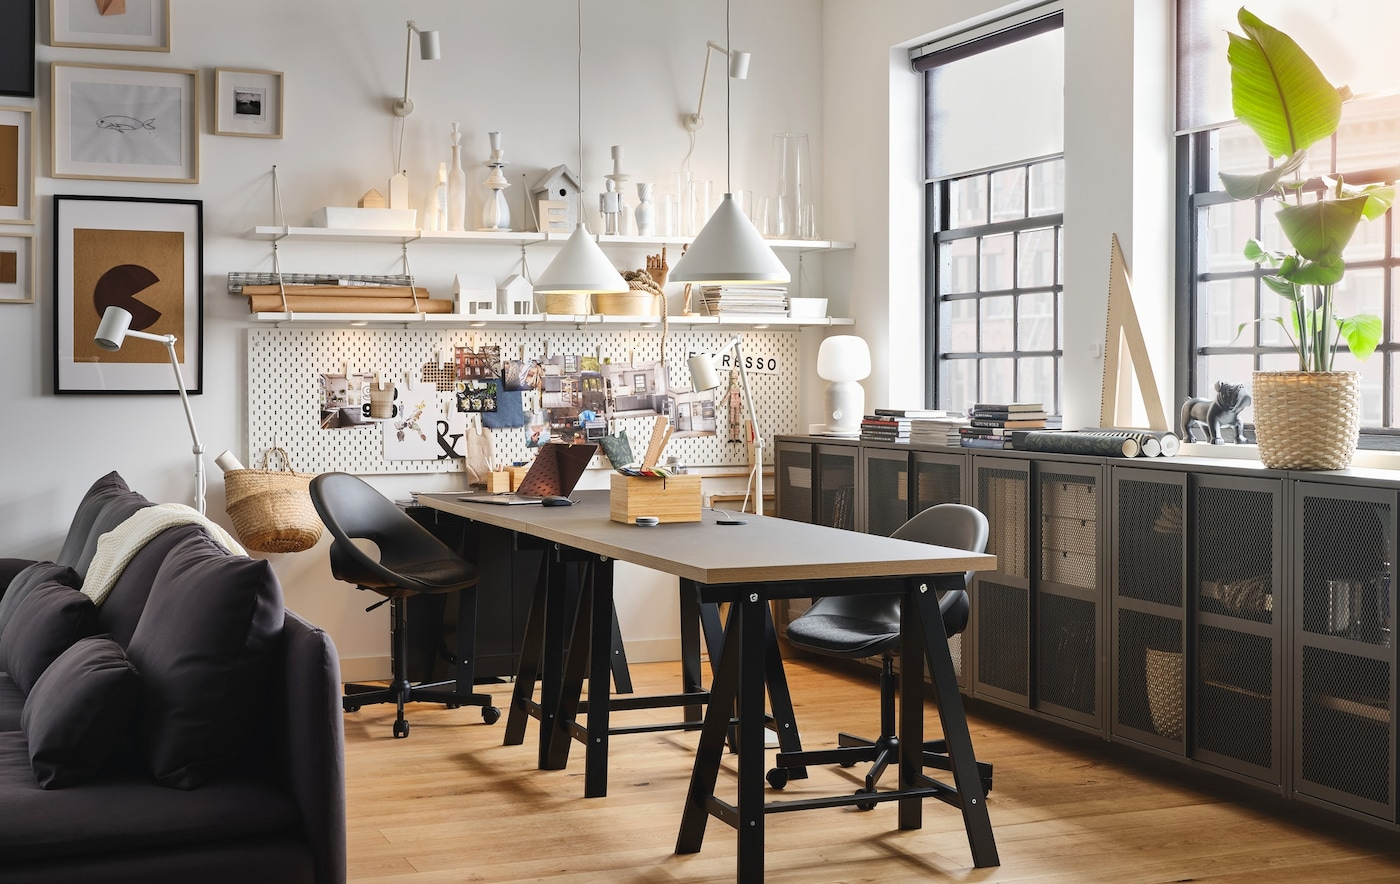 Grande tavolo da lavoro marrone con due sedie e due lampade a sospensione bianche, in un soggiorno con tante soluzioni per organizzare - IKEA